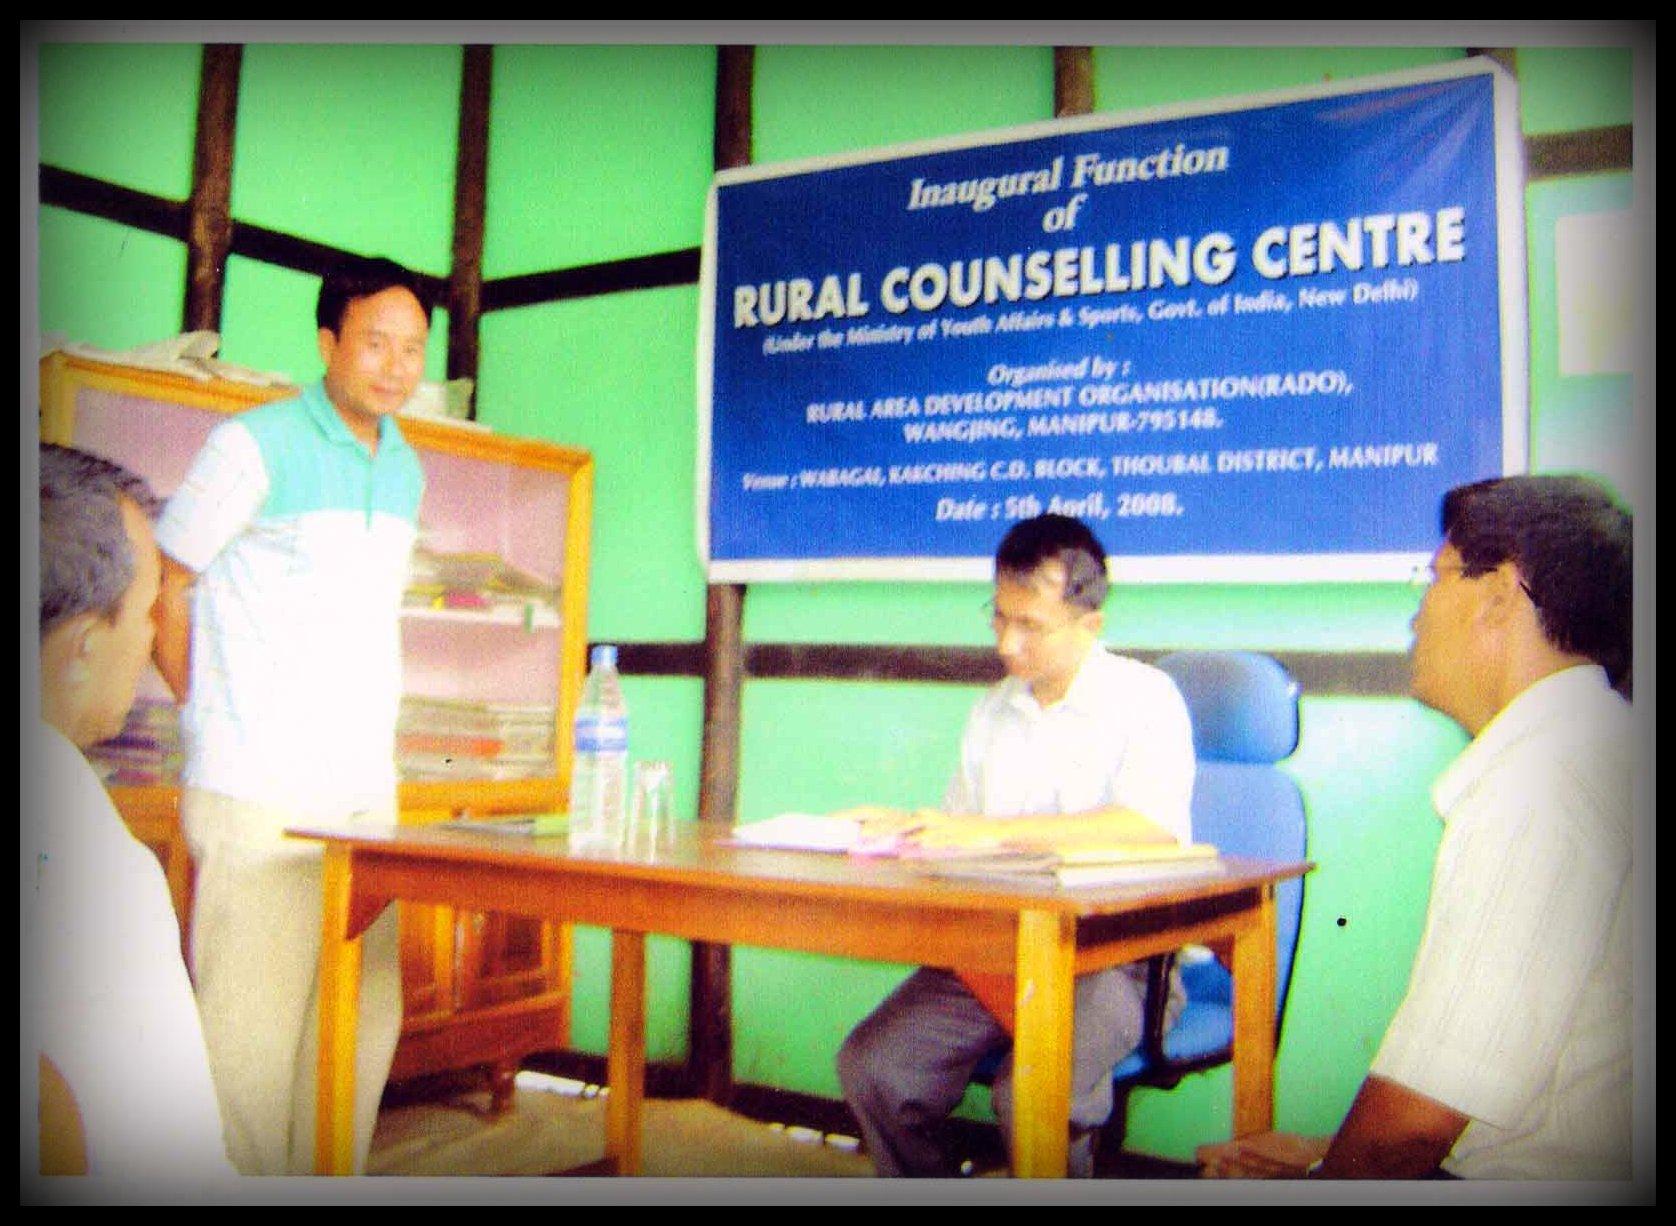 Rural Area Development Organisation